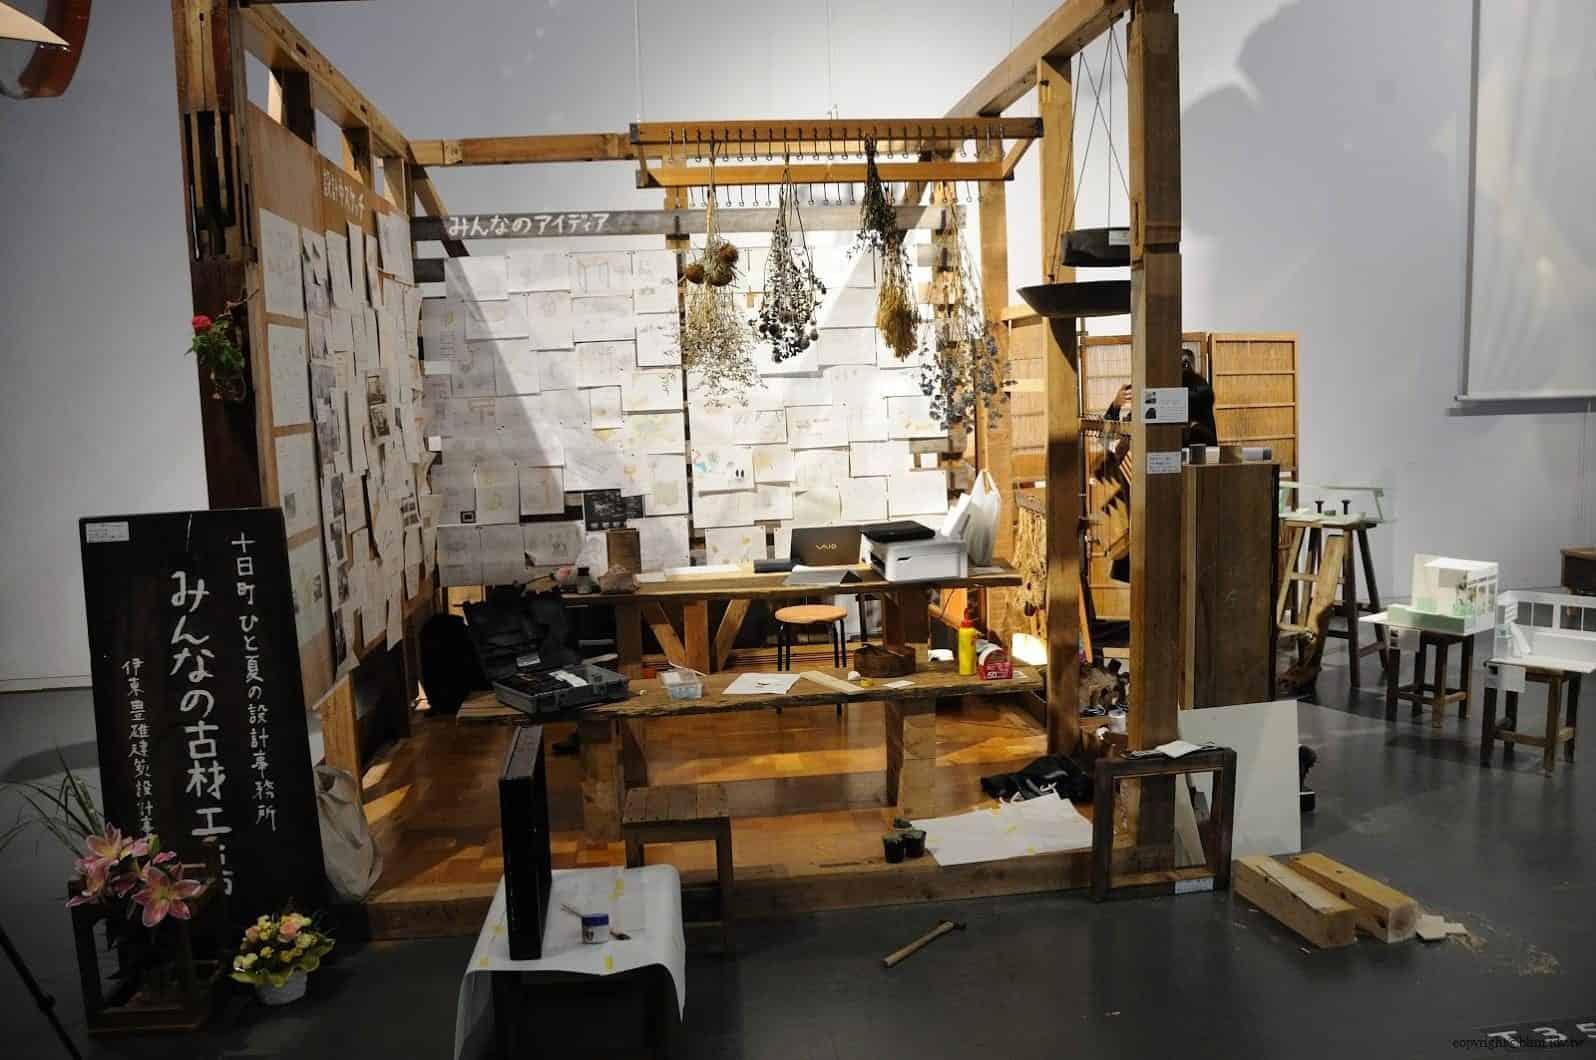 原廣司+ATELIER建築研究所,越後妻有里山現代美術館,2018企劃展「方丈記私記」,千變萬化的方格世界,讓藝術家們在長寬高皆約3公尺的「一方丈」空間裡,打造出他們想像中的世界 越後妻有里山現代美術館 越後妻有里山現代美術館 echigo tsumari kouryukan echigo tsumari exchange center 16 0x0